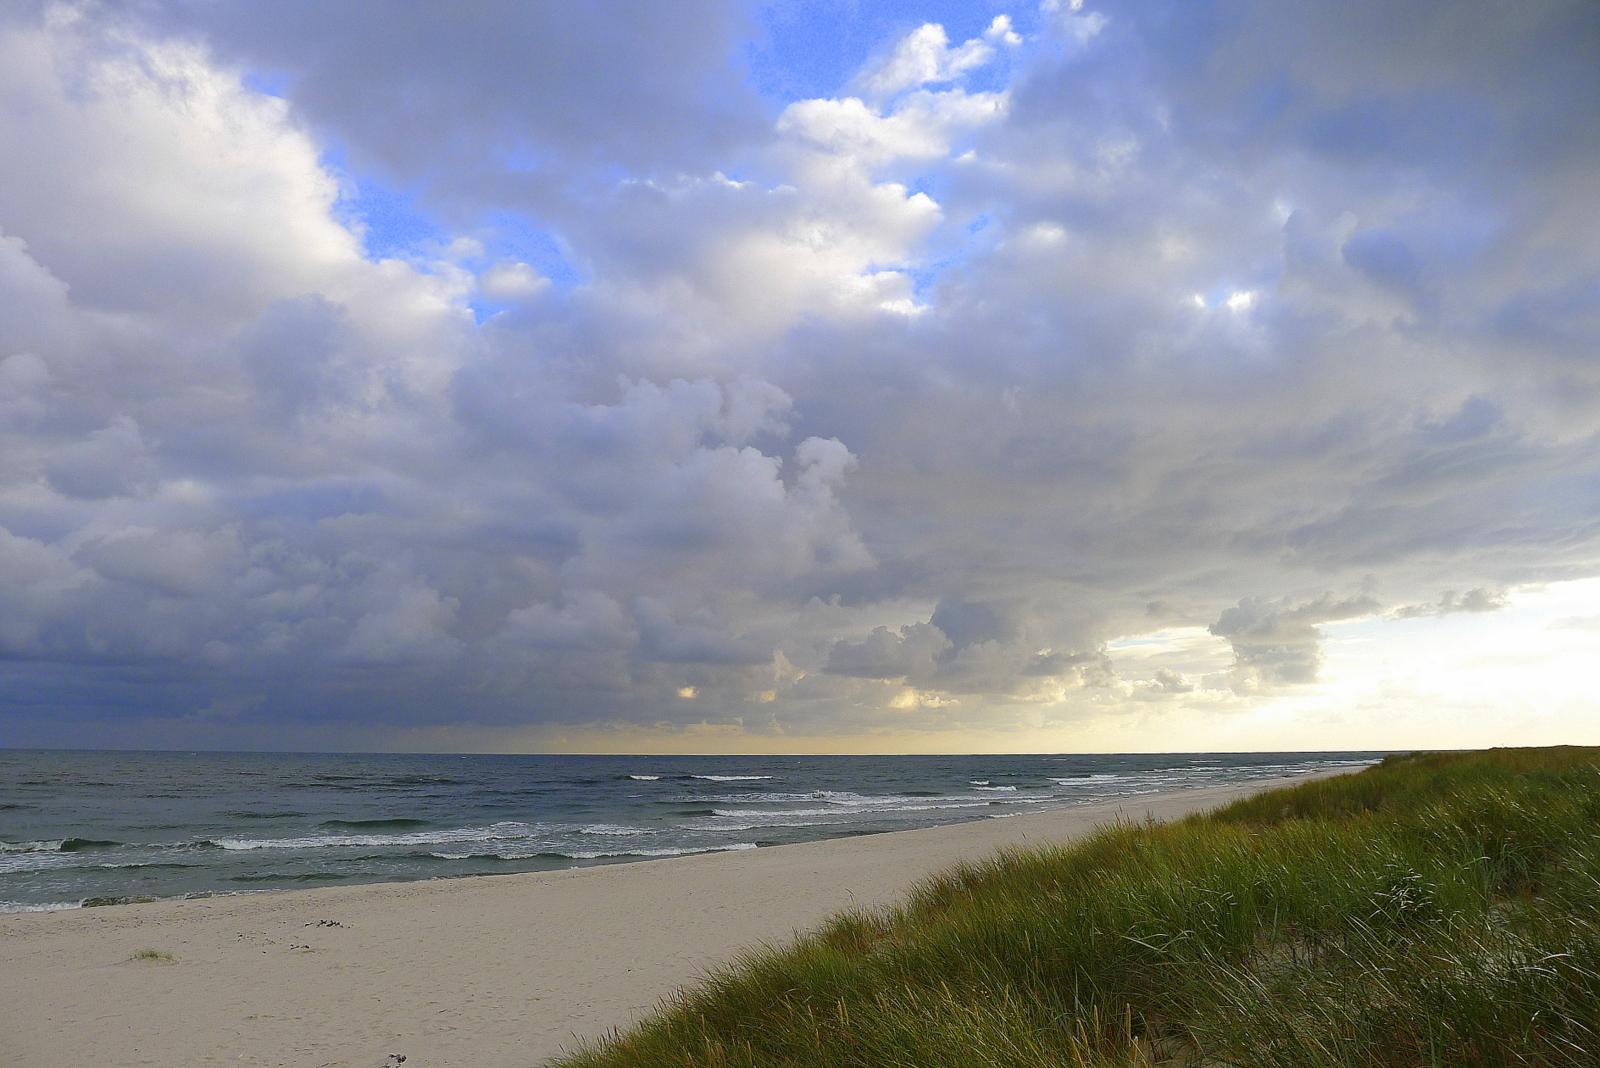 Der Strand ist endlich wieder leer